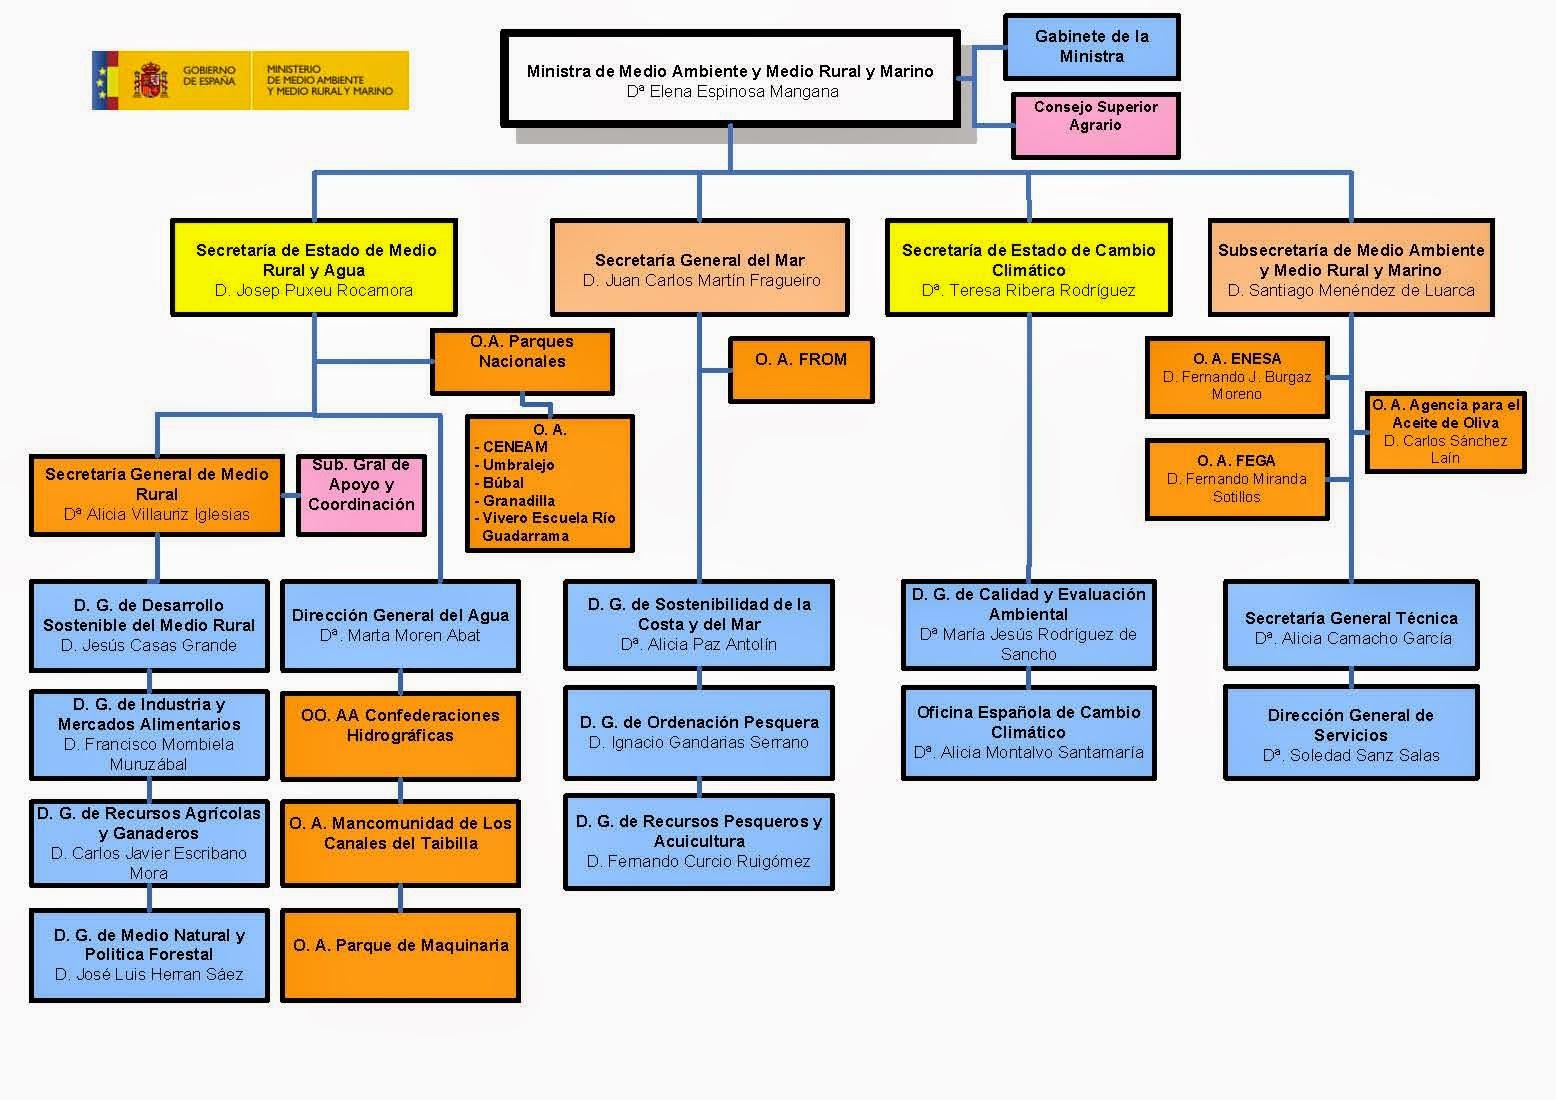 La pluma viperina mayo 2014 for Ministerio del interior estructura